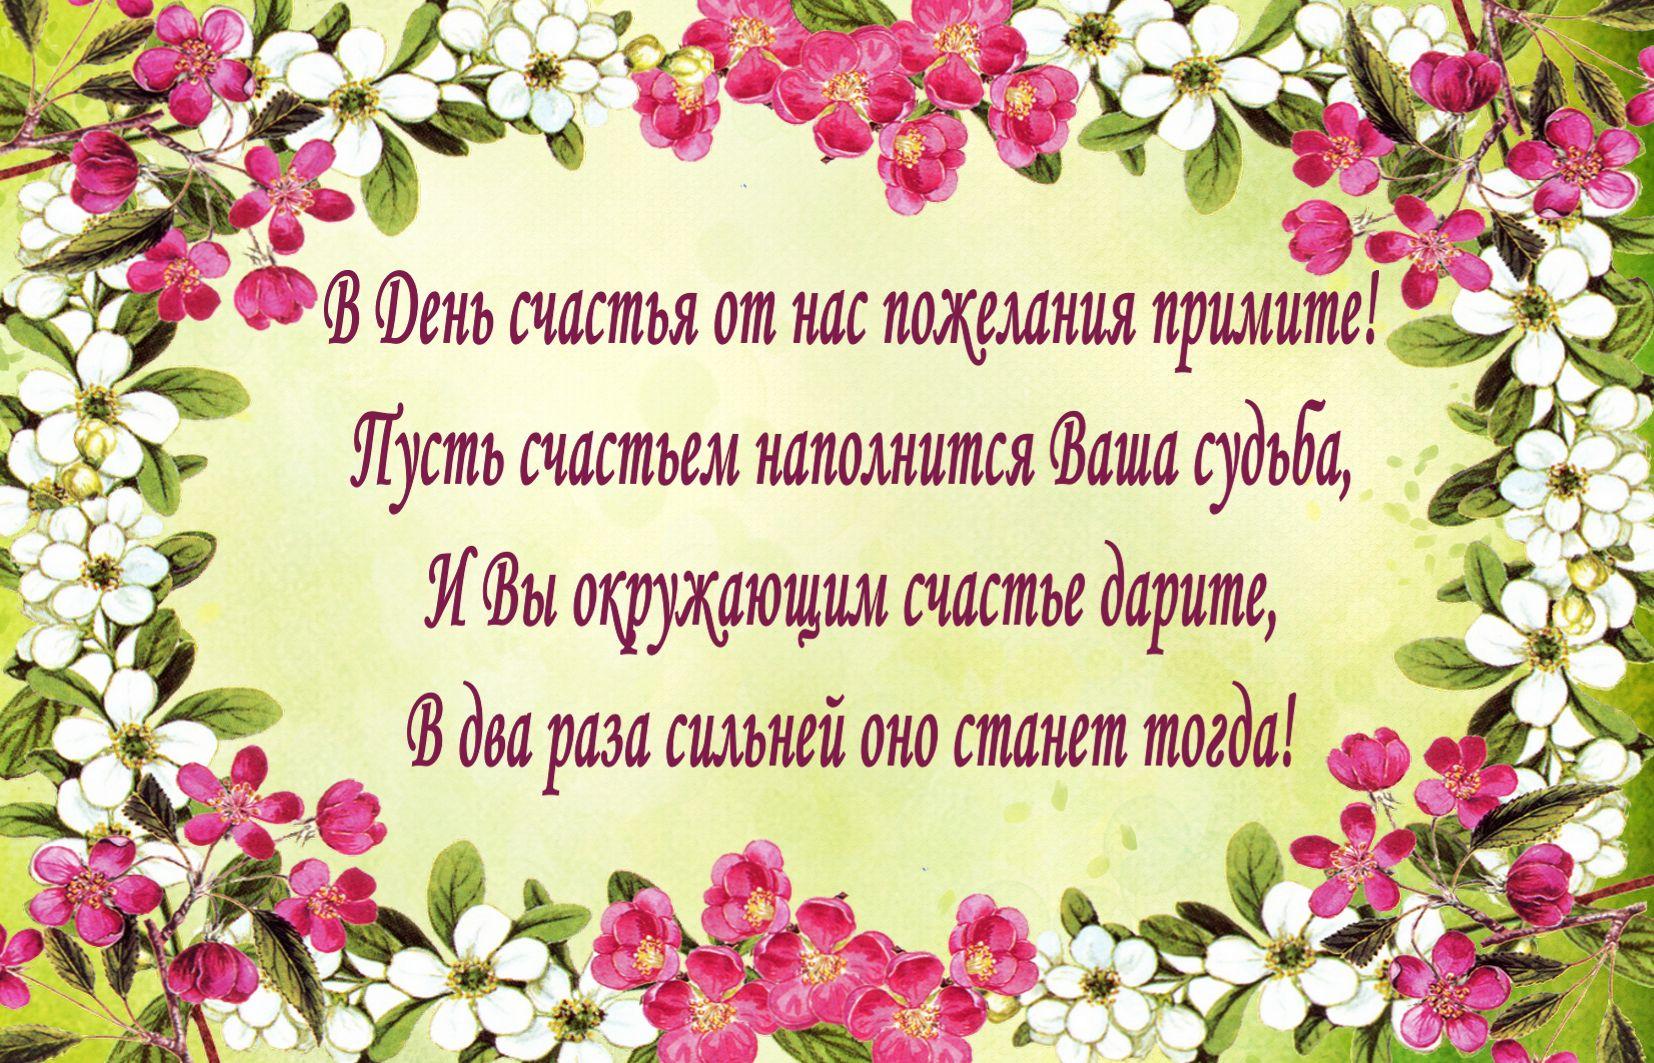 Открытка на Международный день счастья - пожелание в красивой рамке из цветов